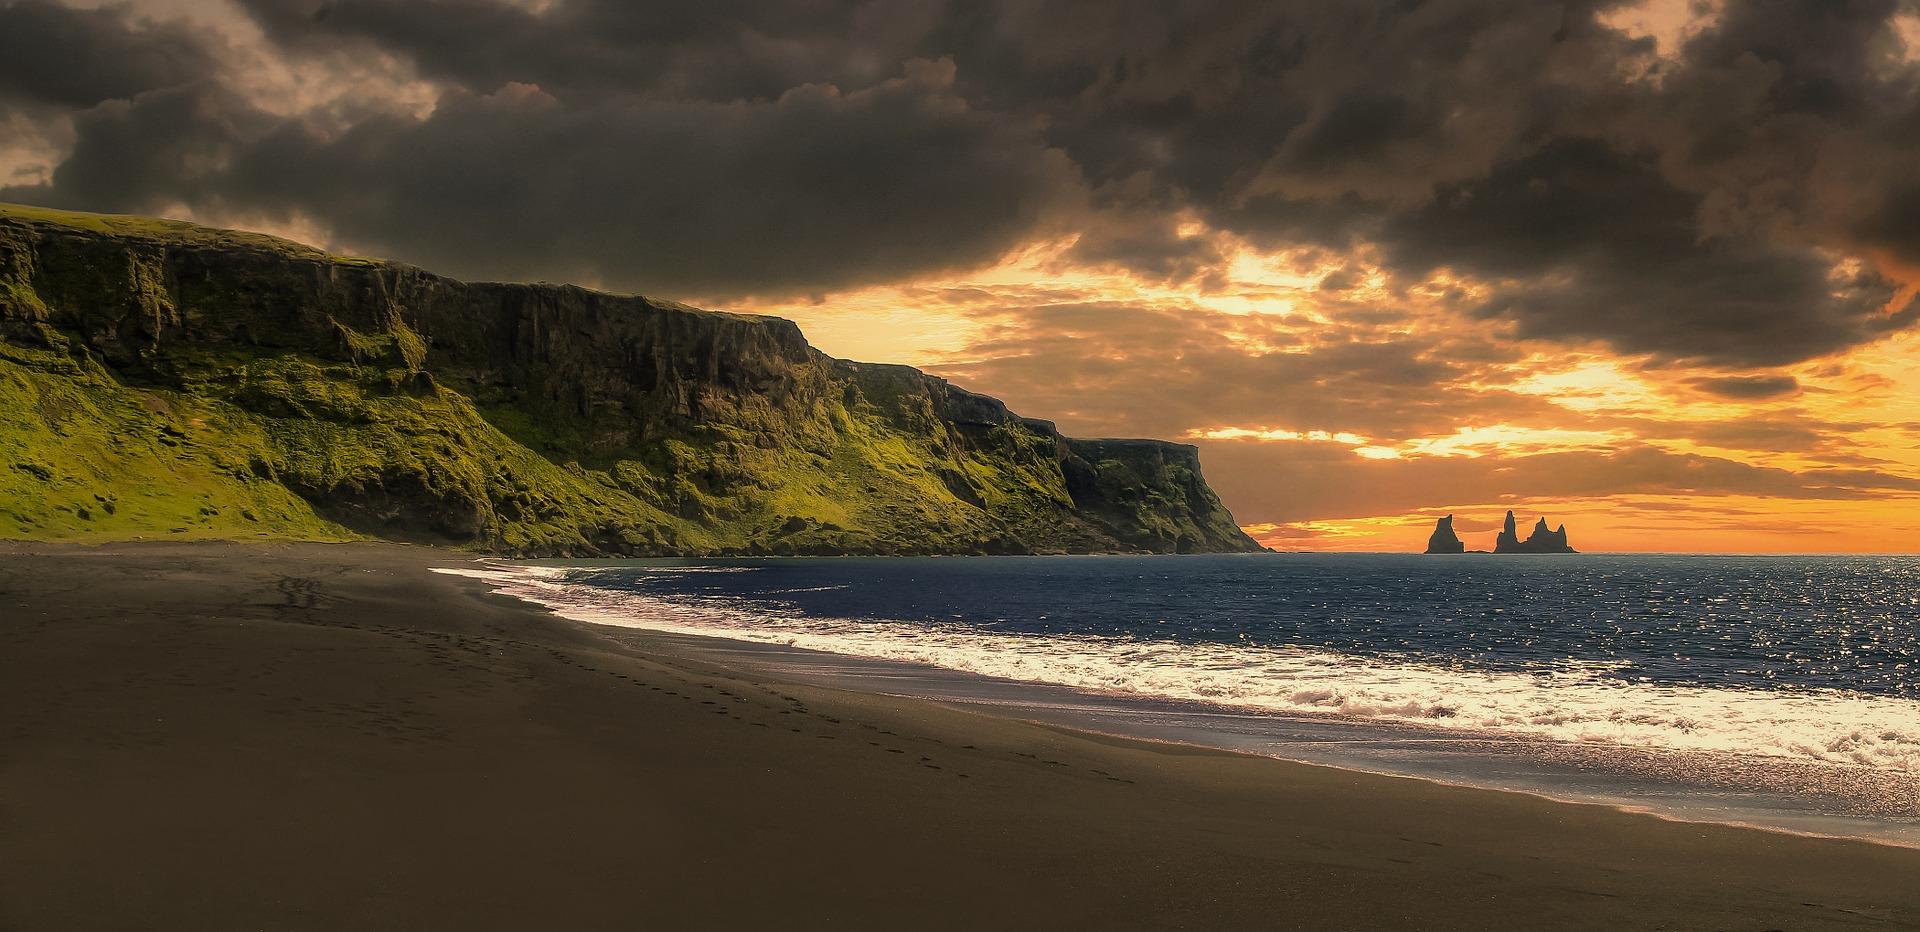 beach-2328966_1920